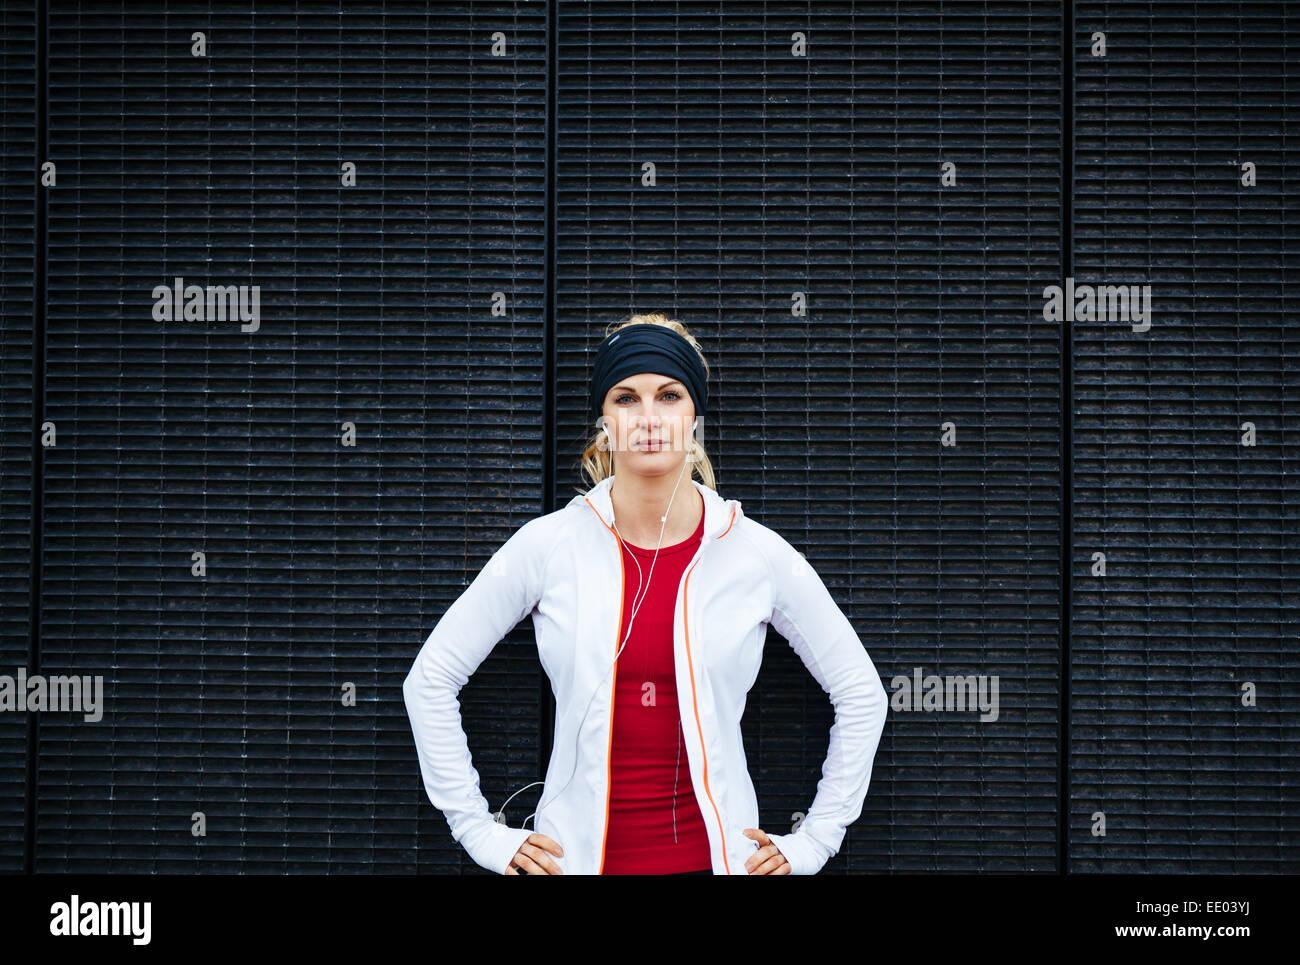 Ritratto di giovane attraente donna che guarda fiducioso nell'abbigliamento sportivo. Femminile all'esterno. Immagini Stock